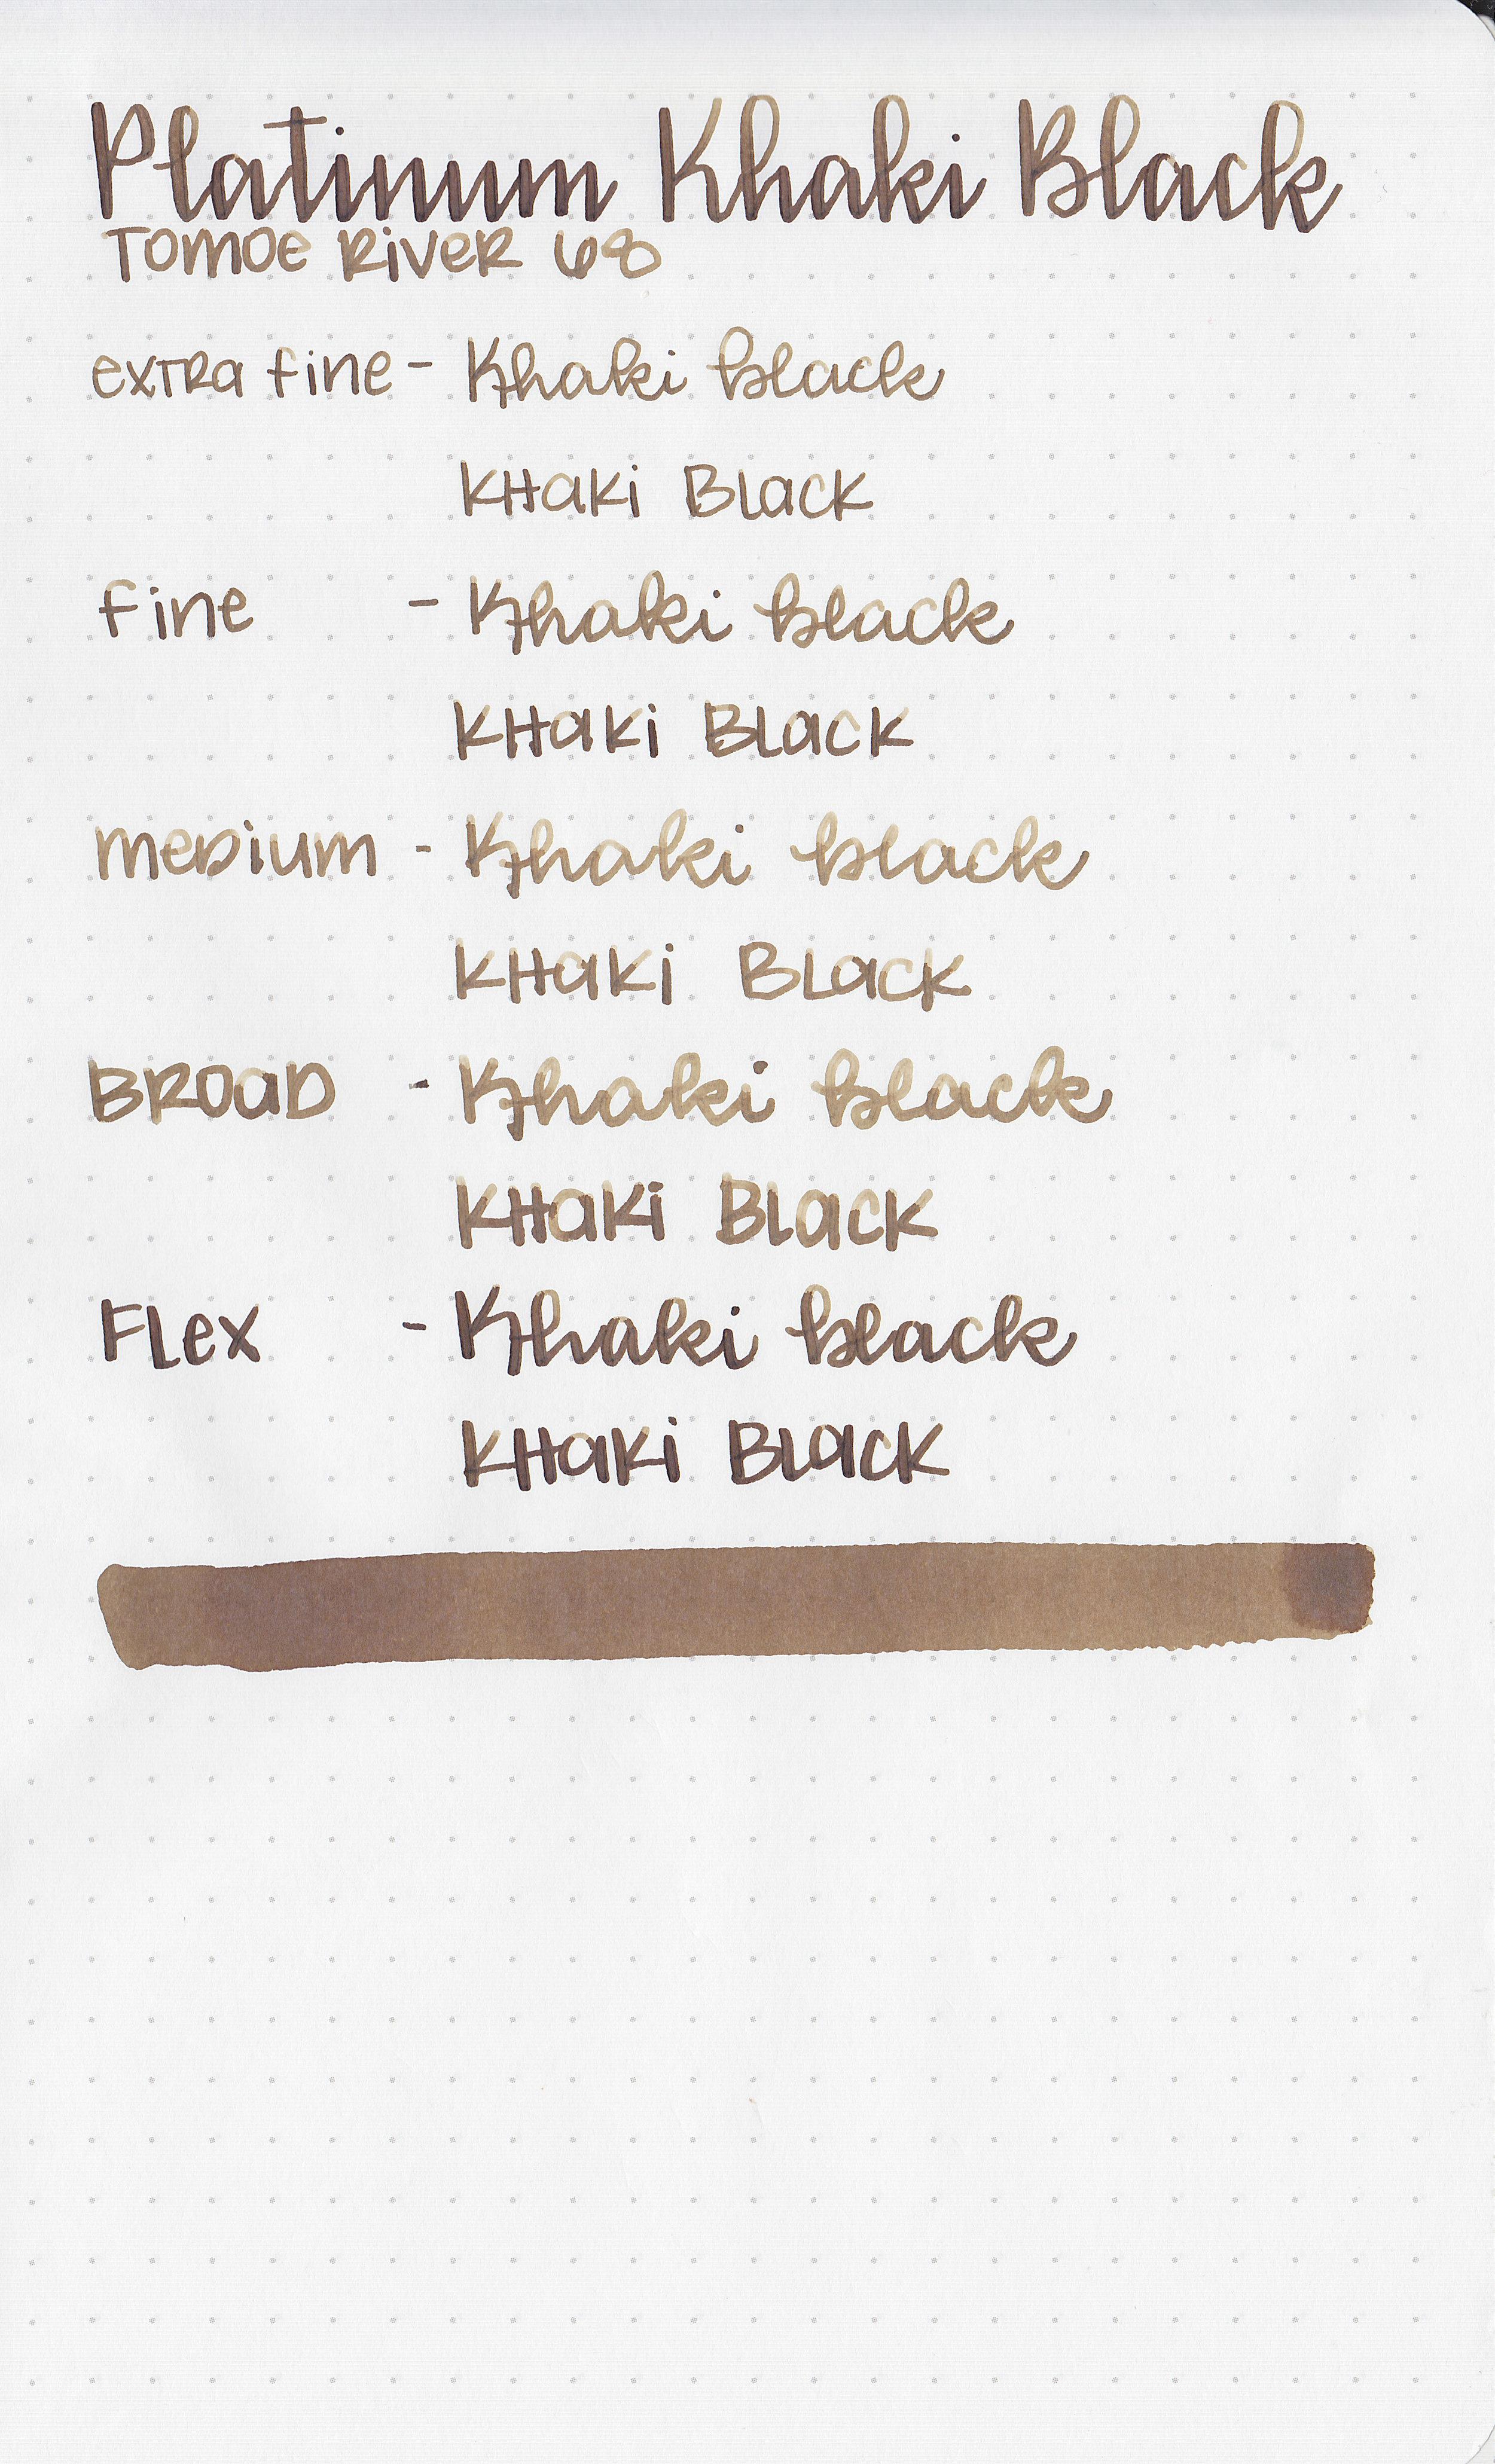 pl-khaki-black-7.jpg